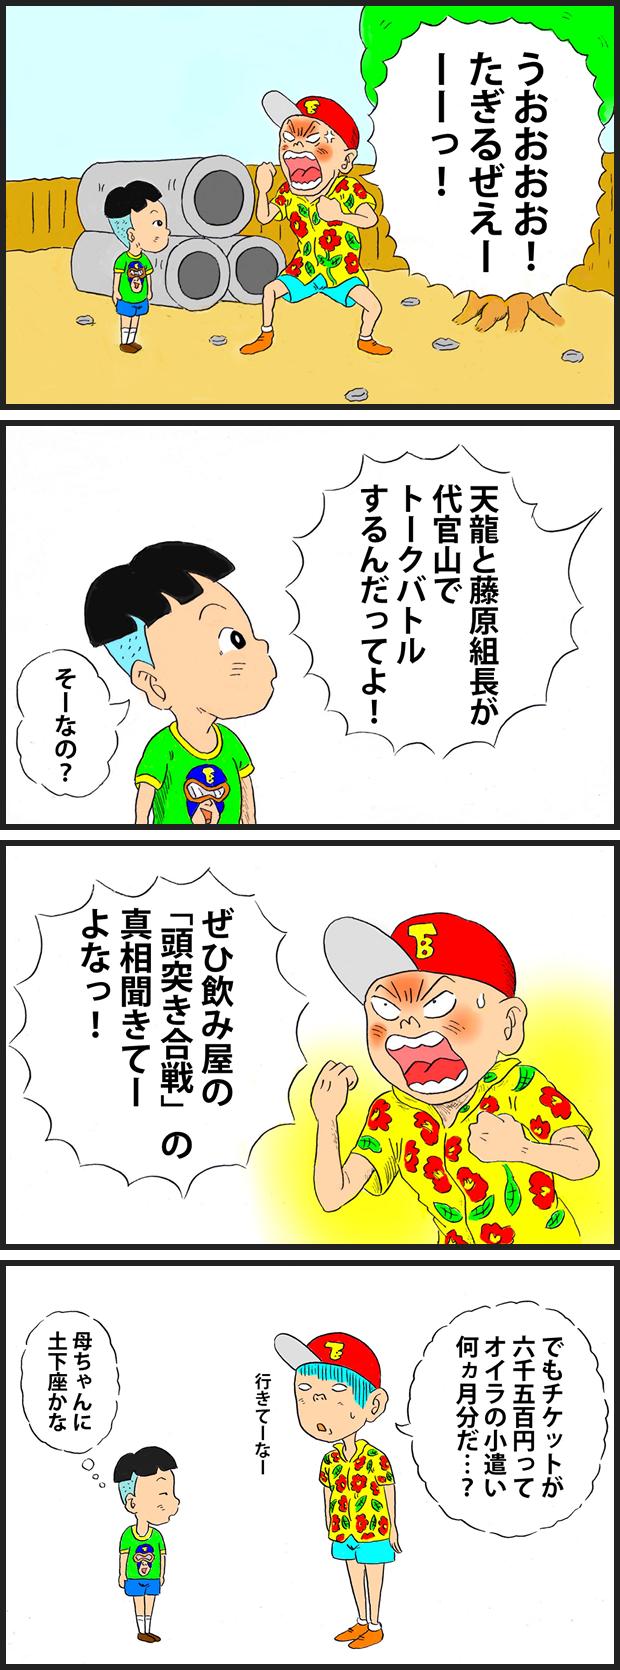 157 天龍vs藤原トークバトル